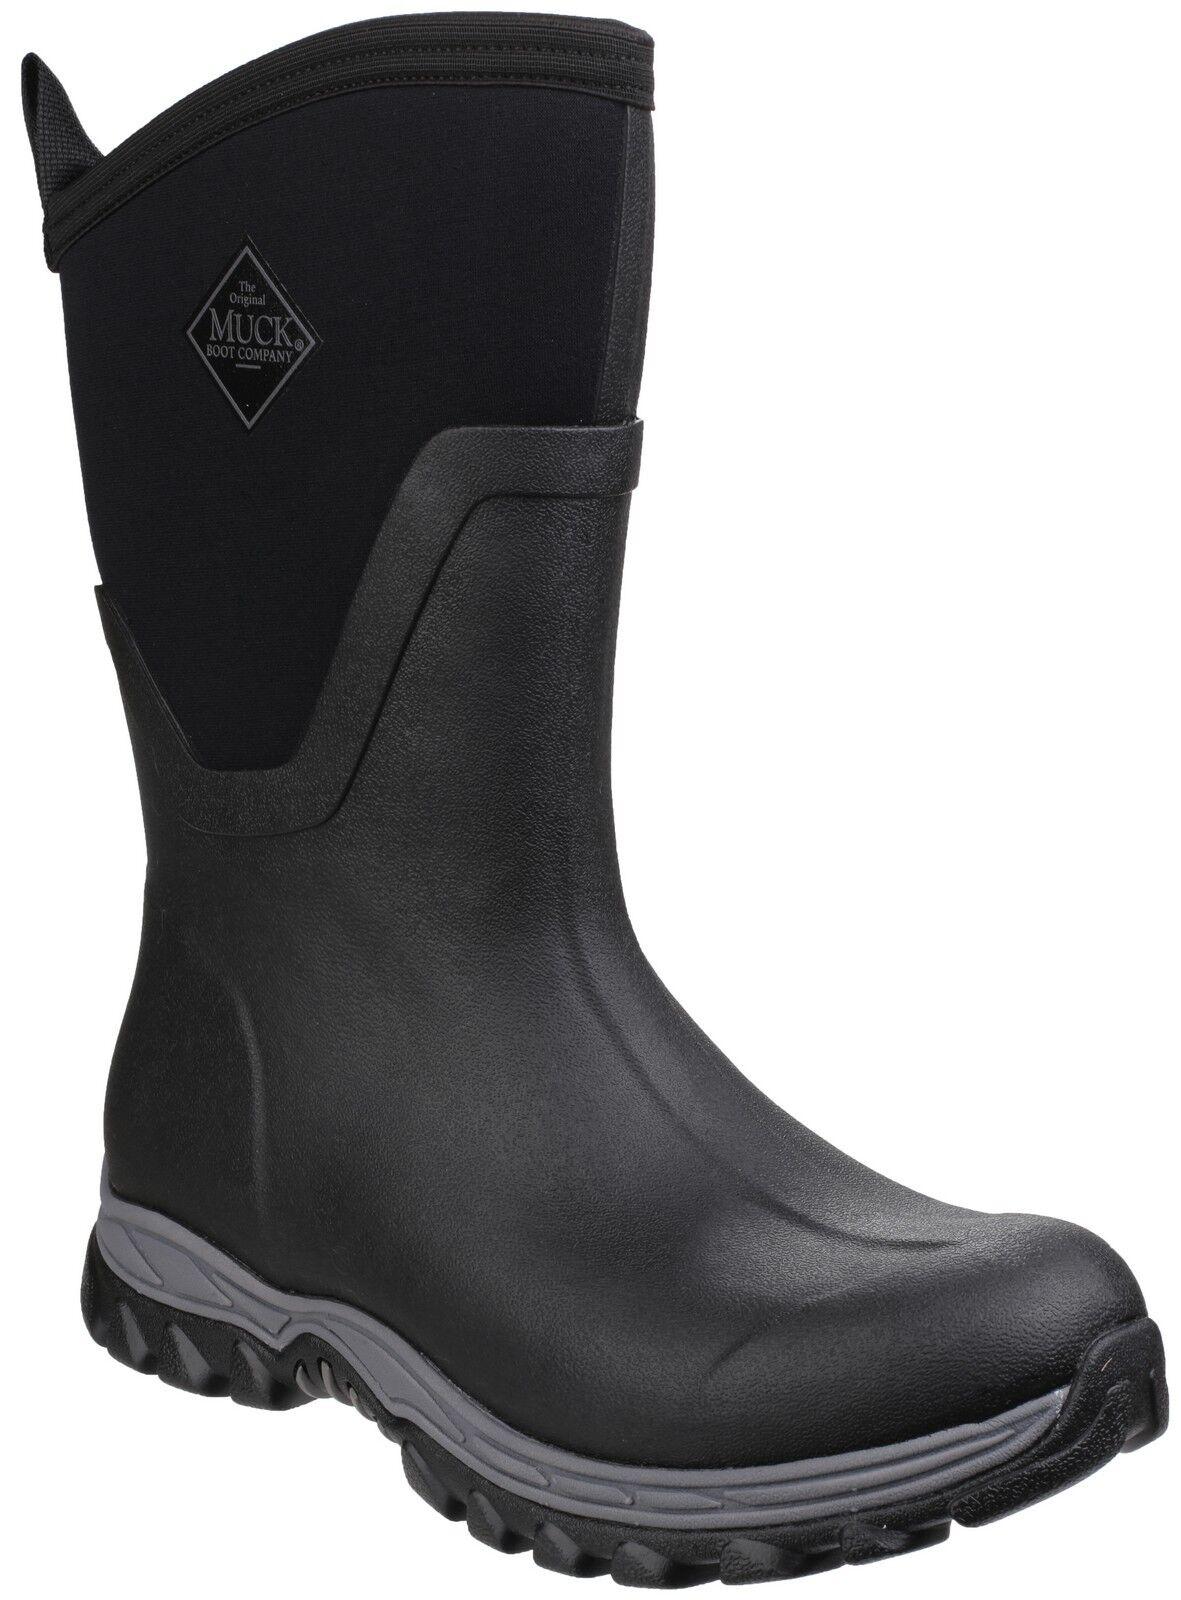 Muck Boots Arctic Sport Mid Wellington Waterproof Work Black Womens